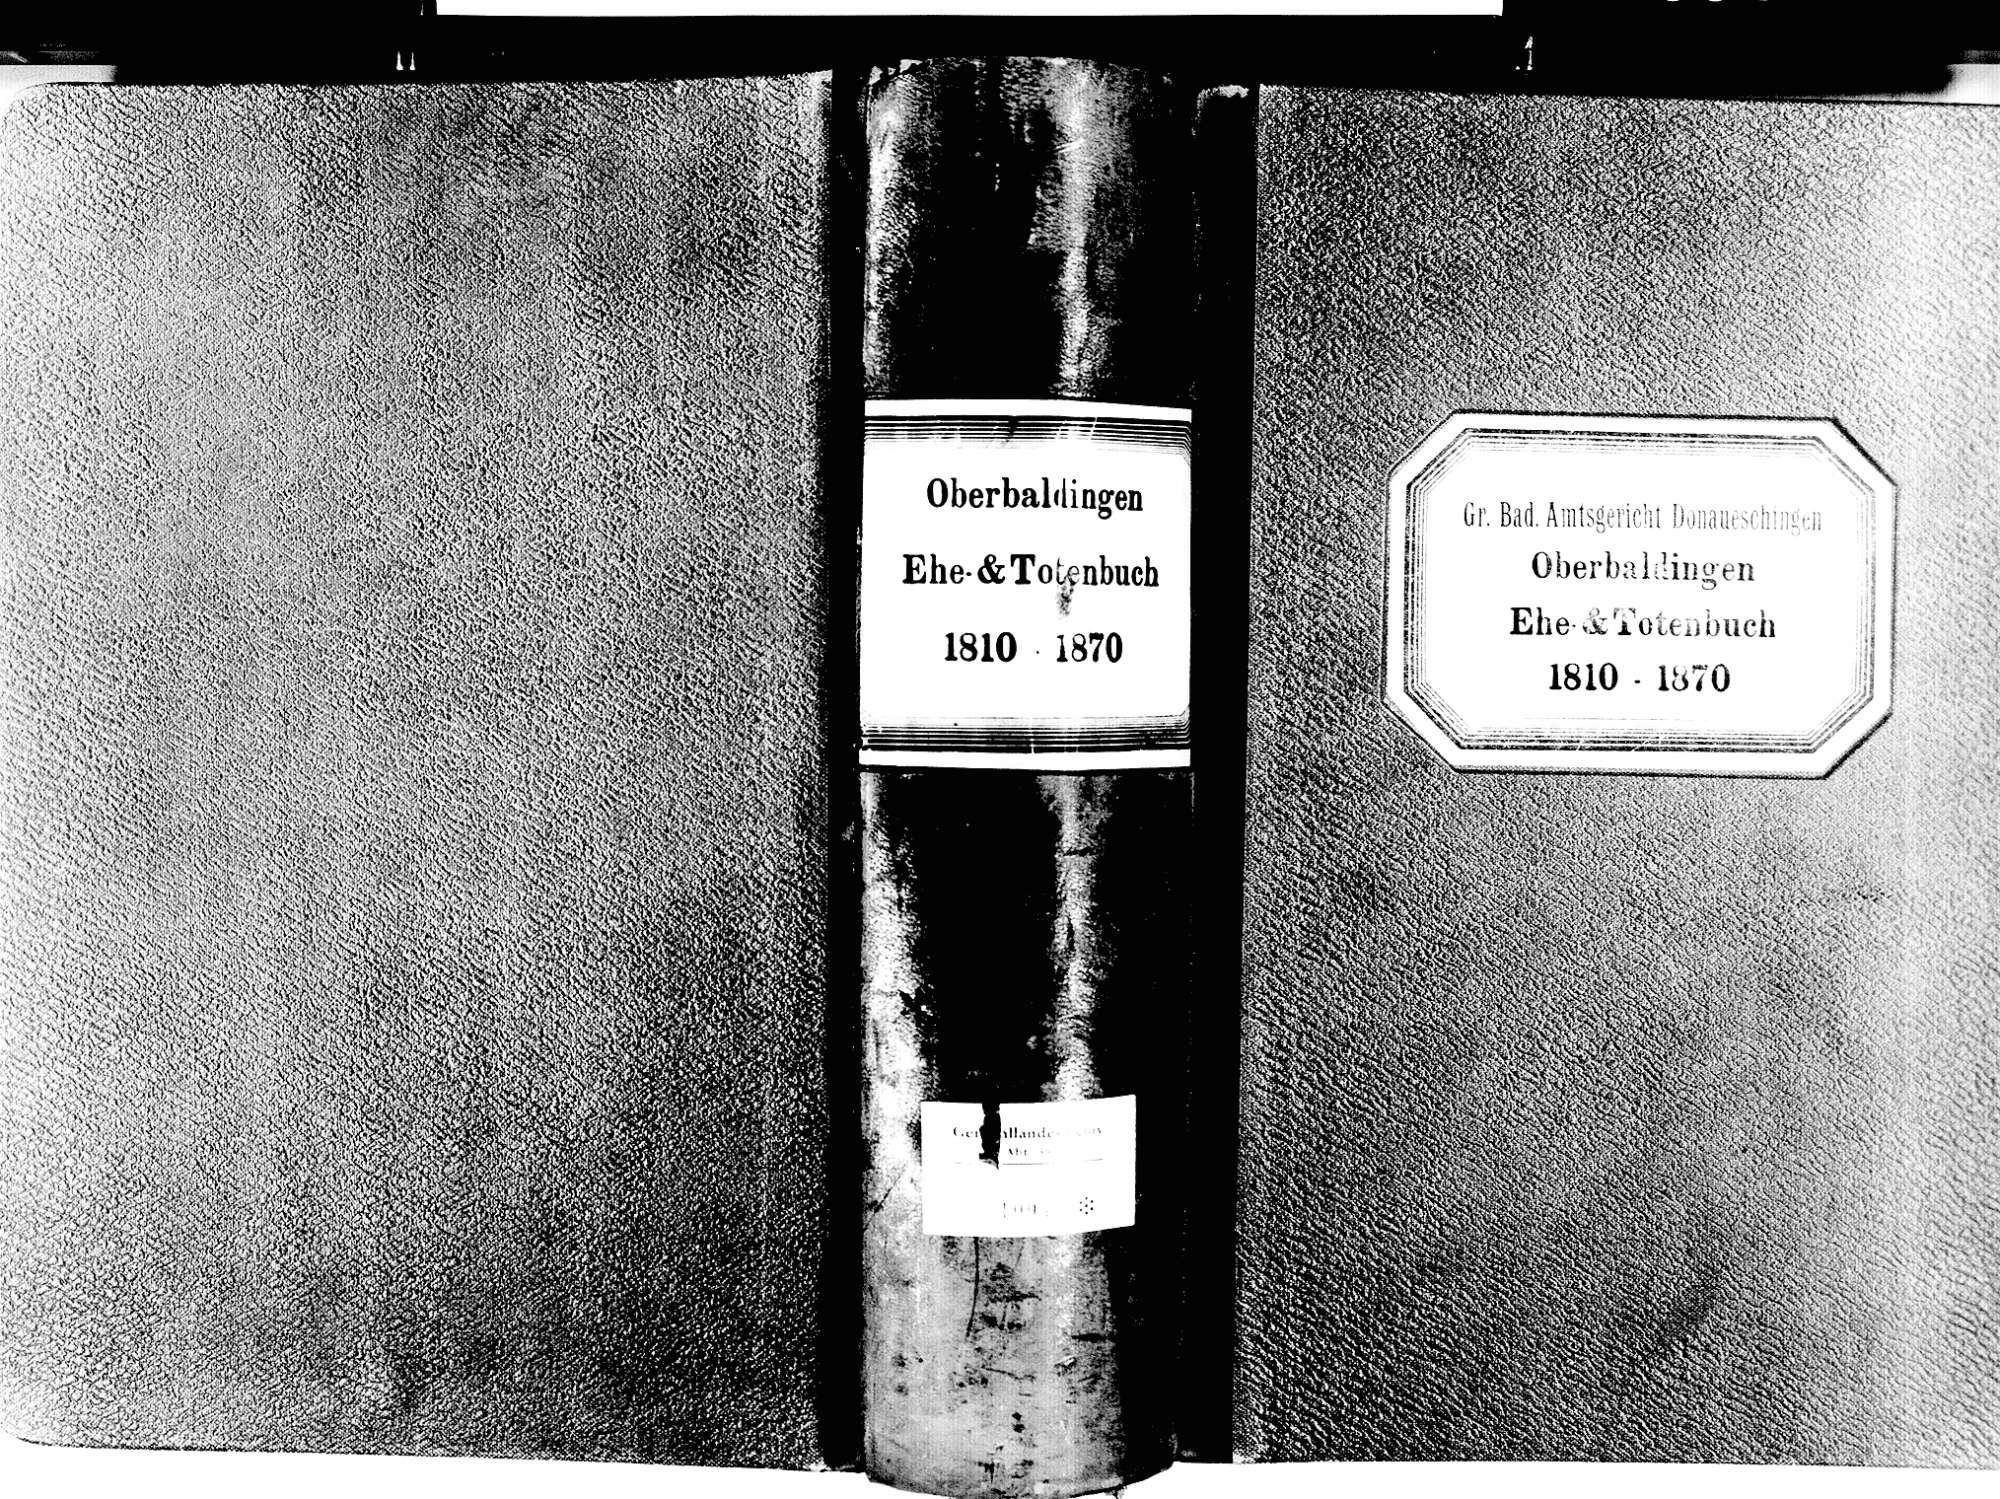 Oberbaldingen, Bad Dürrheim VS; Evangelische Gemeinde: Heiratsbuch 1810-1870 Oberbaldingen, Bad Dürrheim VS; Evangelische Gemeinde: Sterbebuch 1810-1870, Bild 1